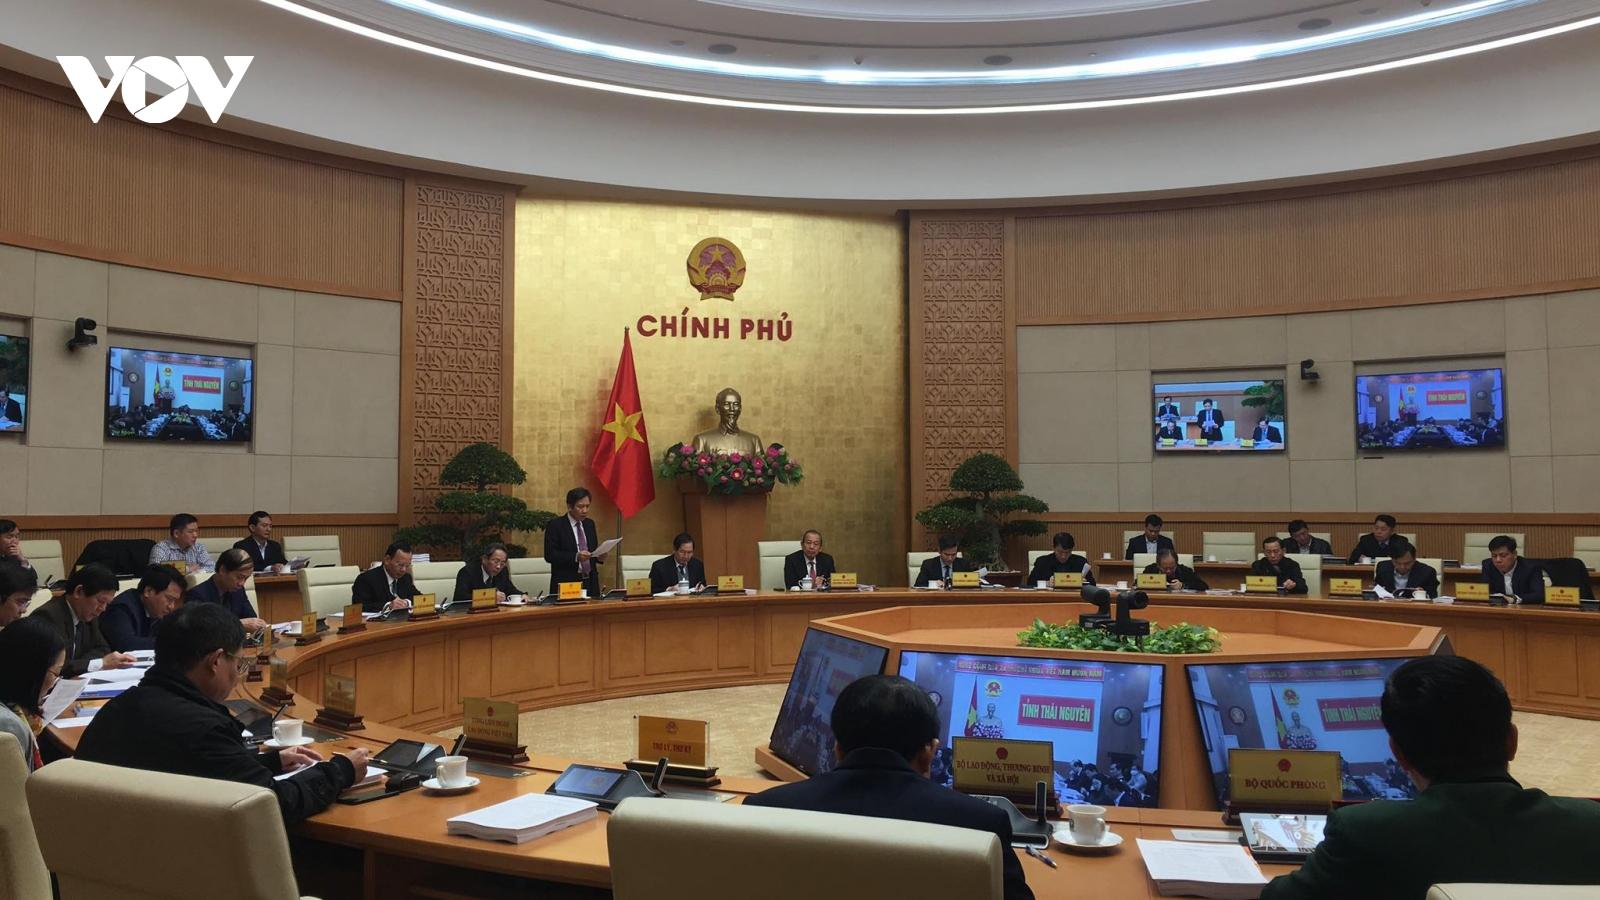 Chính phủ tổng kết chiến lược phát triển thanh niên giai đoạn 2011 - 2020